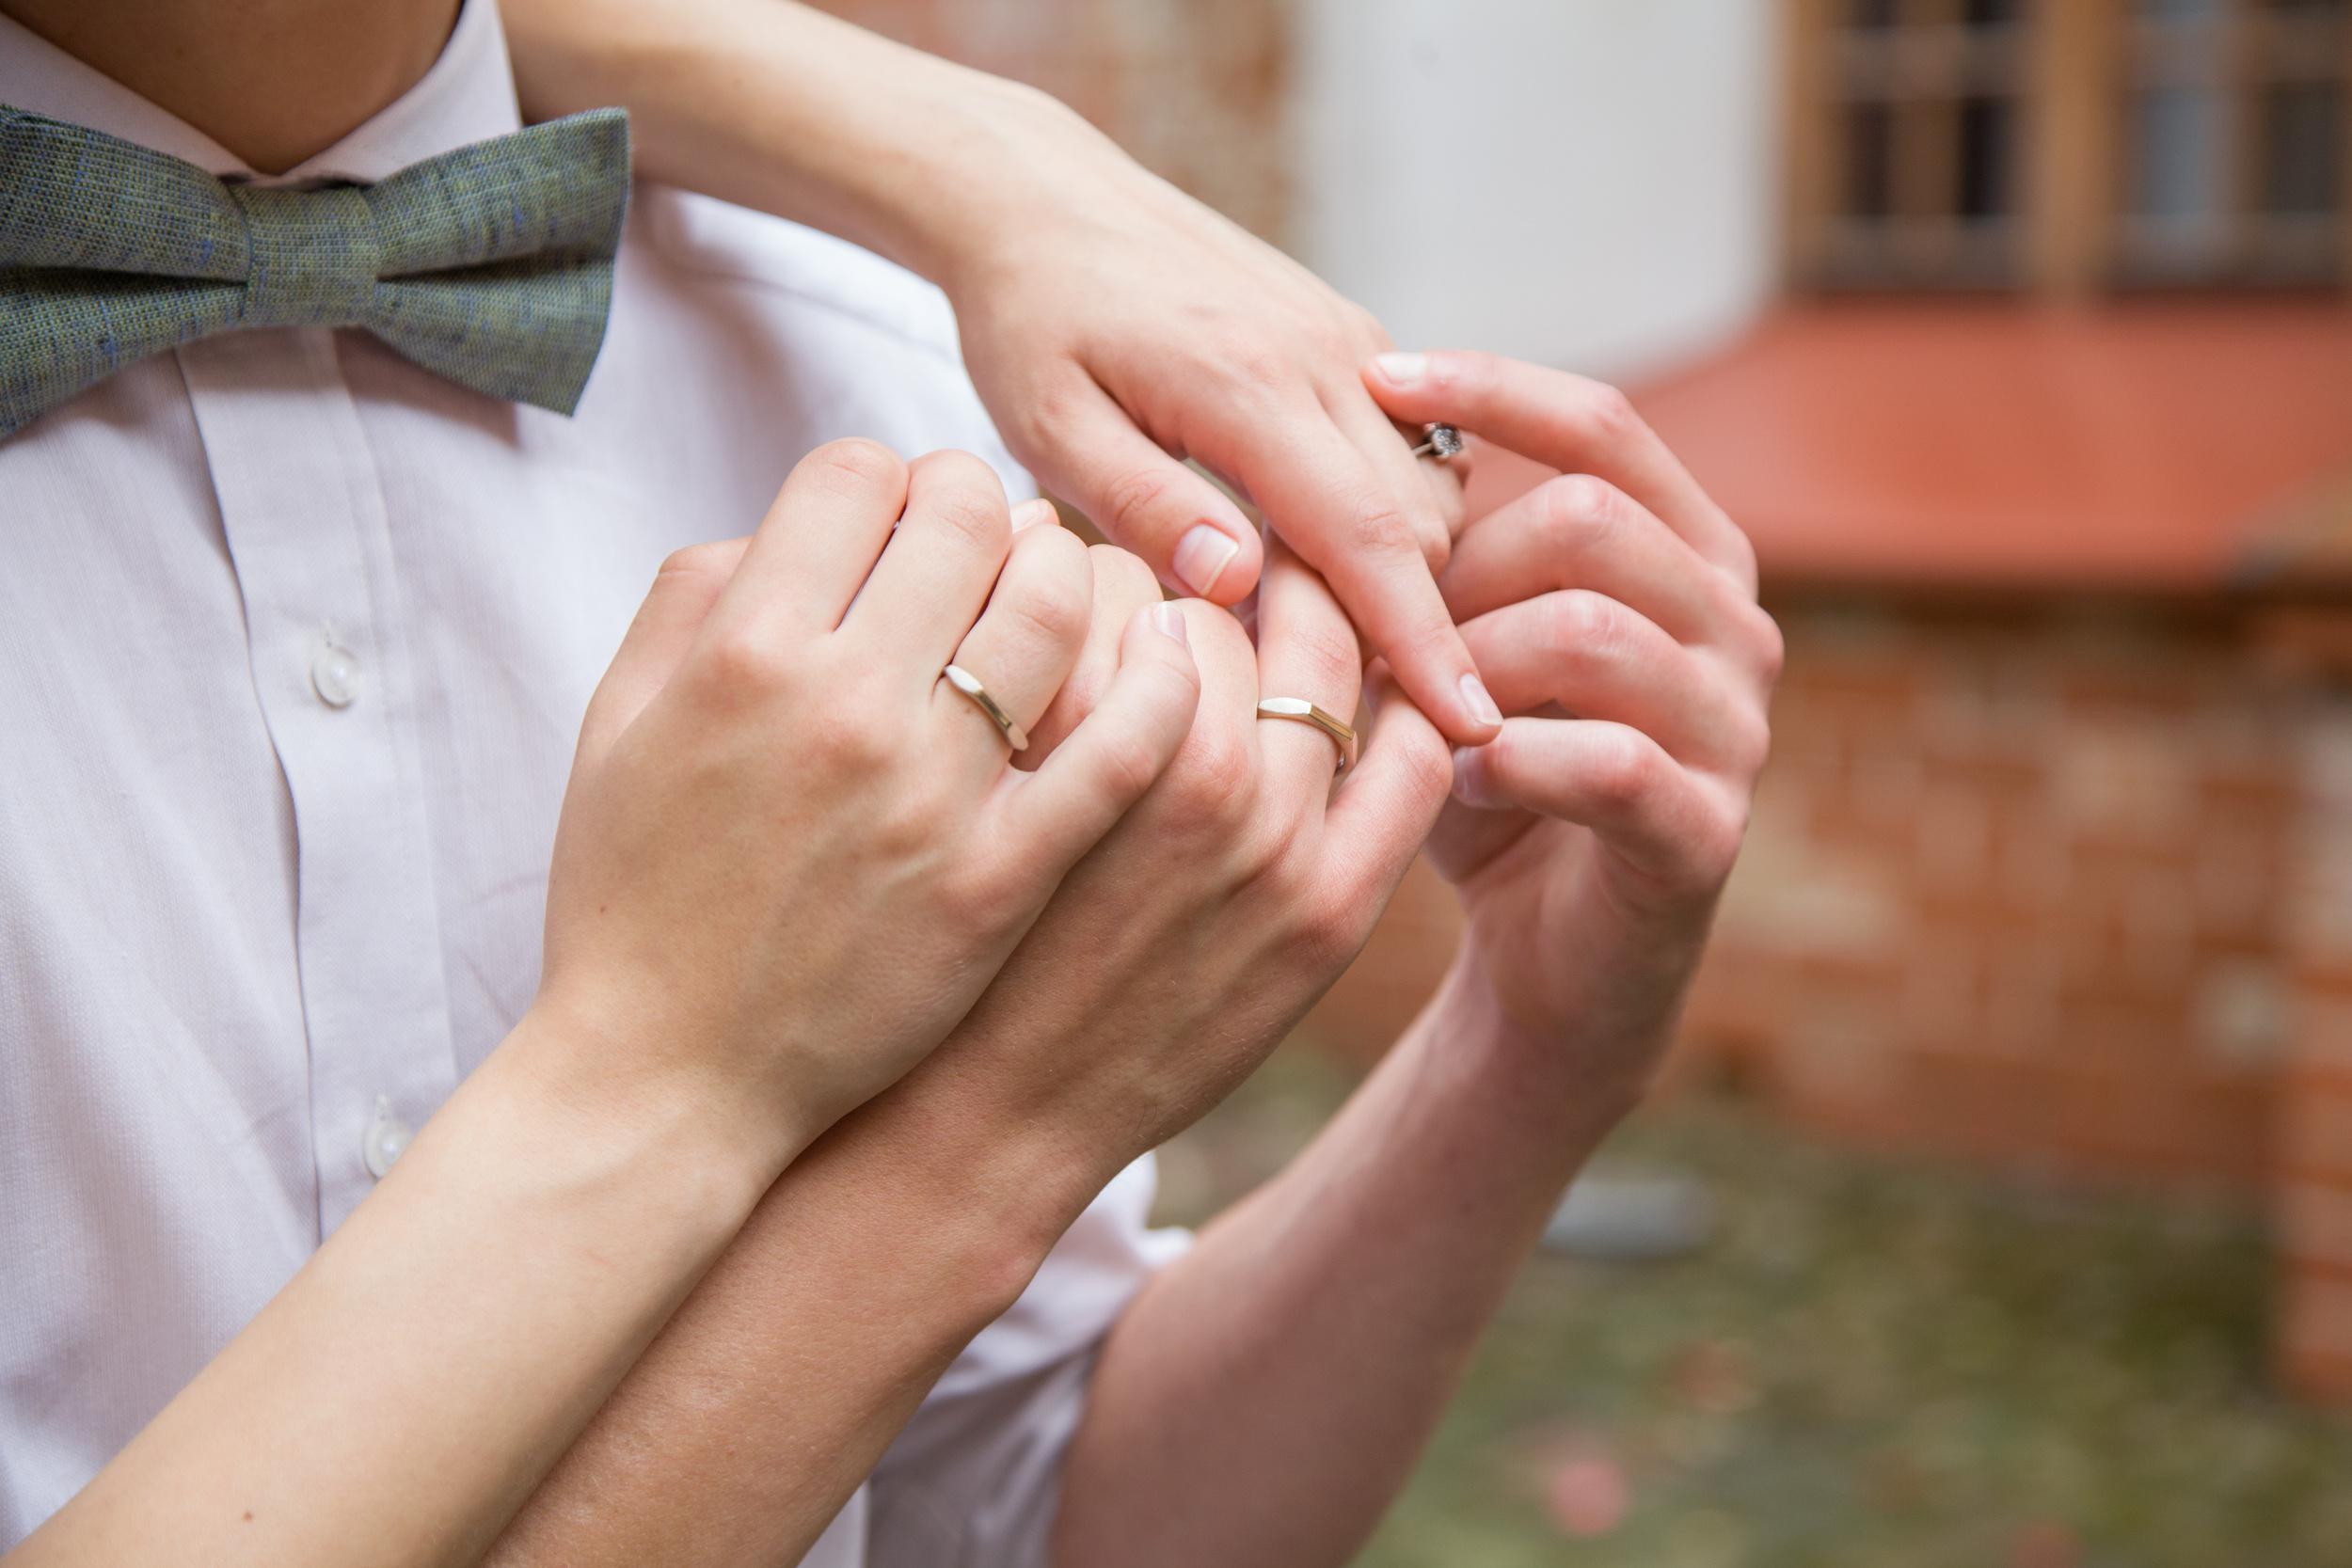 Sostinėje susituokė jau 4 tūkst. porų: naujos erdvės, neįprasti svečiai ir naujos mados | Vilniaus miesto savivaldybės nuotr.